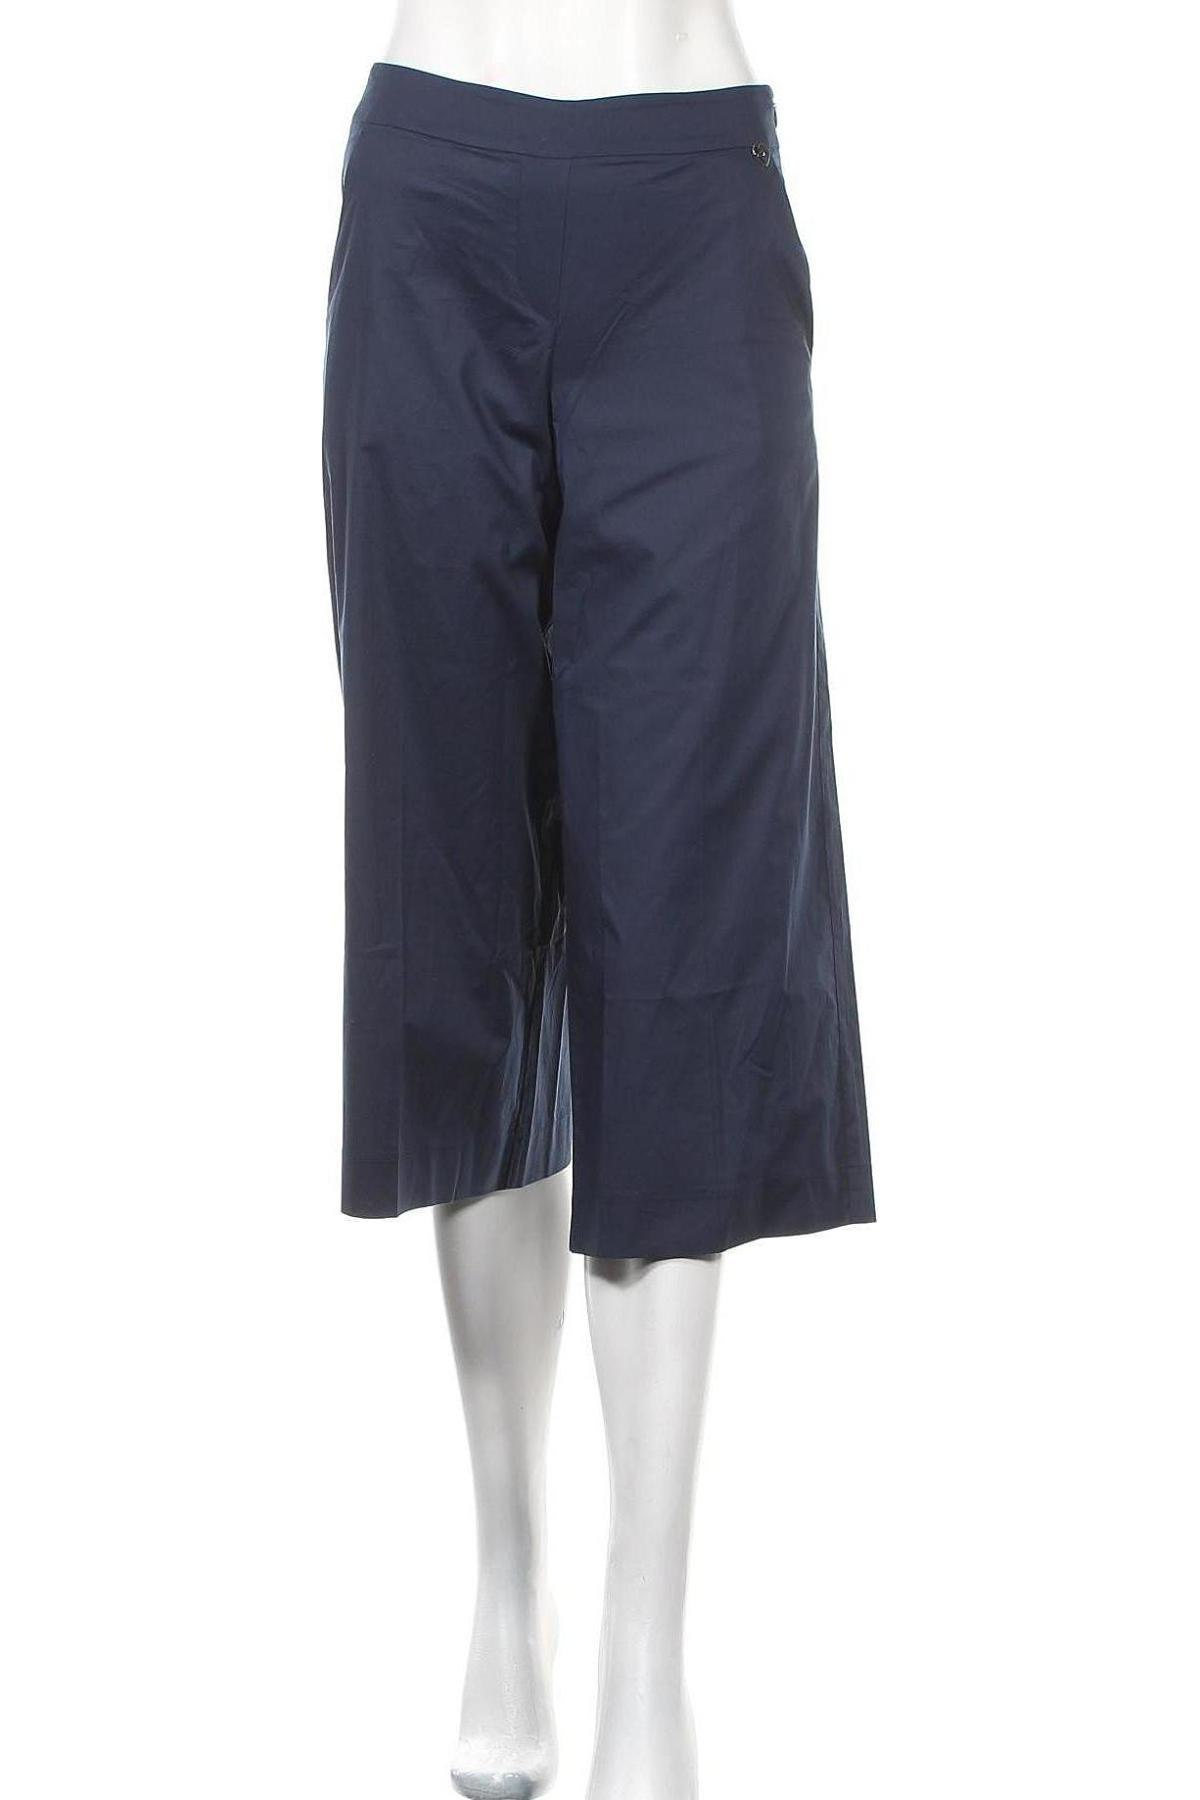 Дамски панталон TWINSET, Размер M, Цвят Син, 97% памук, 3% еластан, Цена 20,64лв.